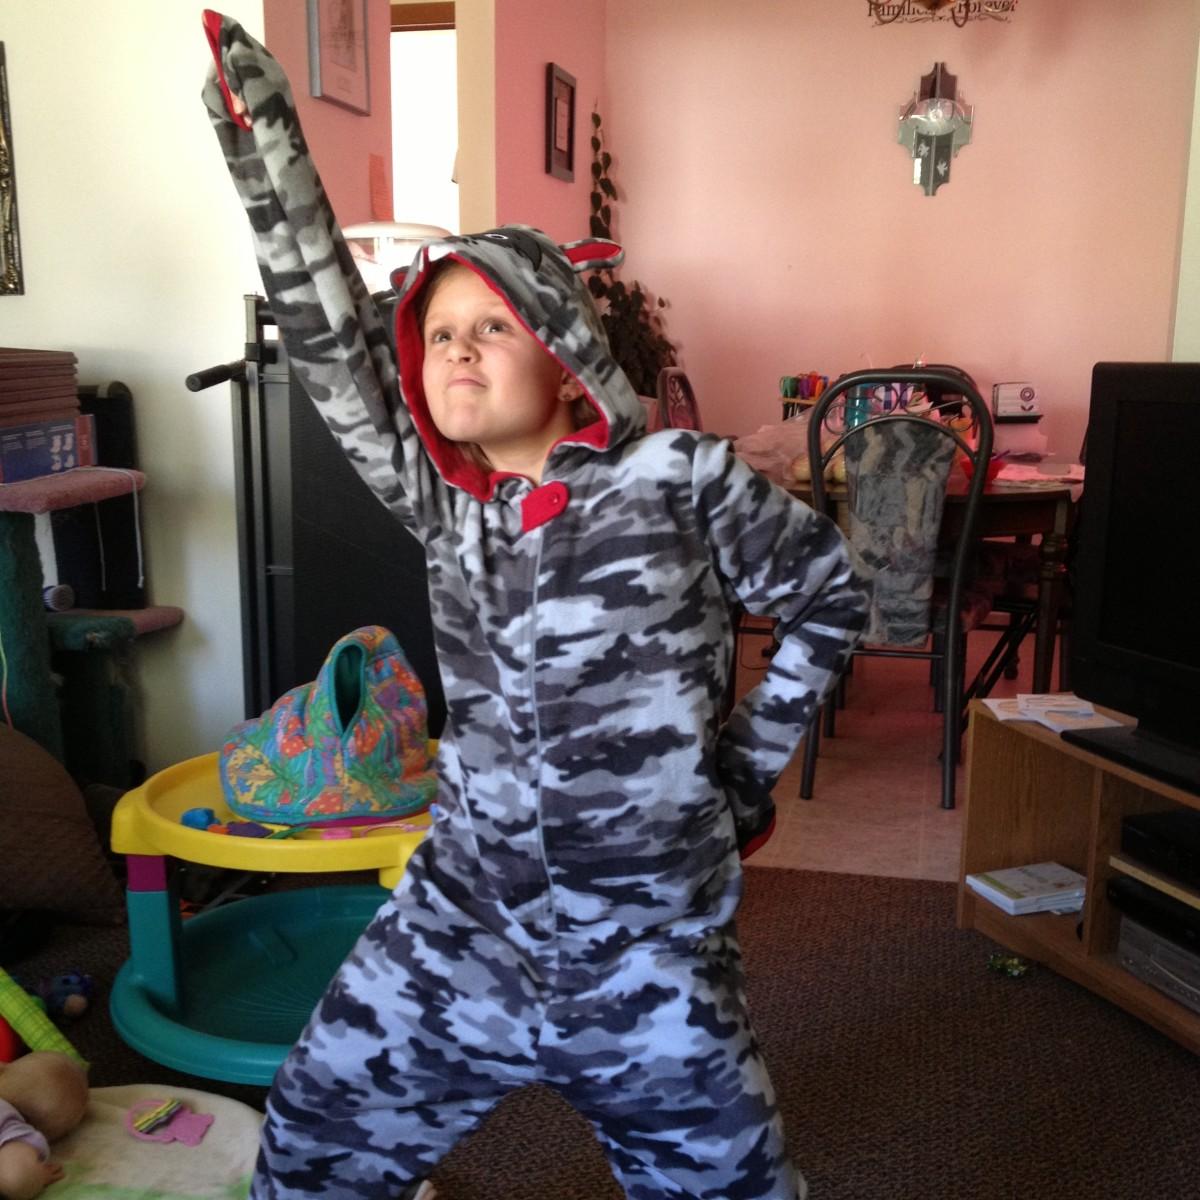 Kids Animal Onesie Pjs: Pajama Party Fun